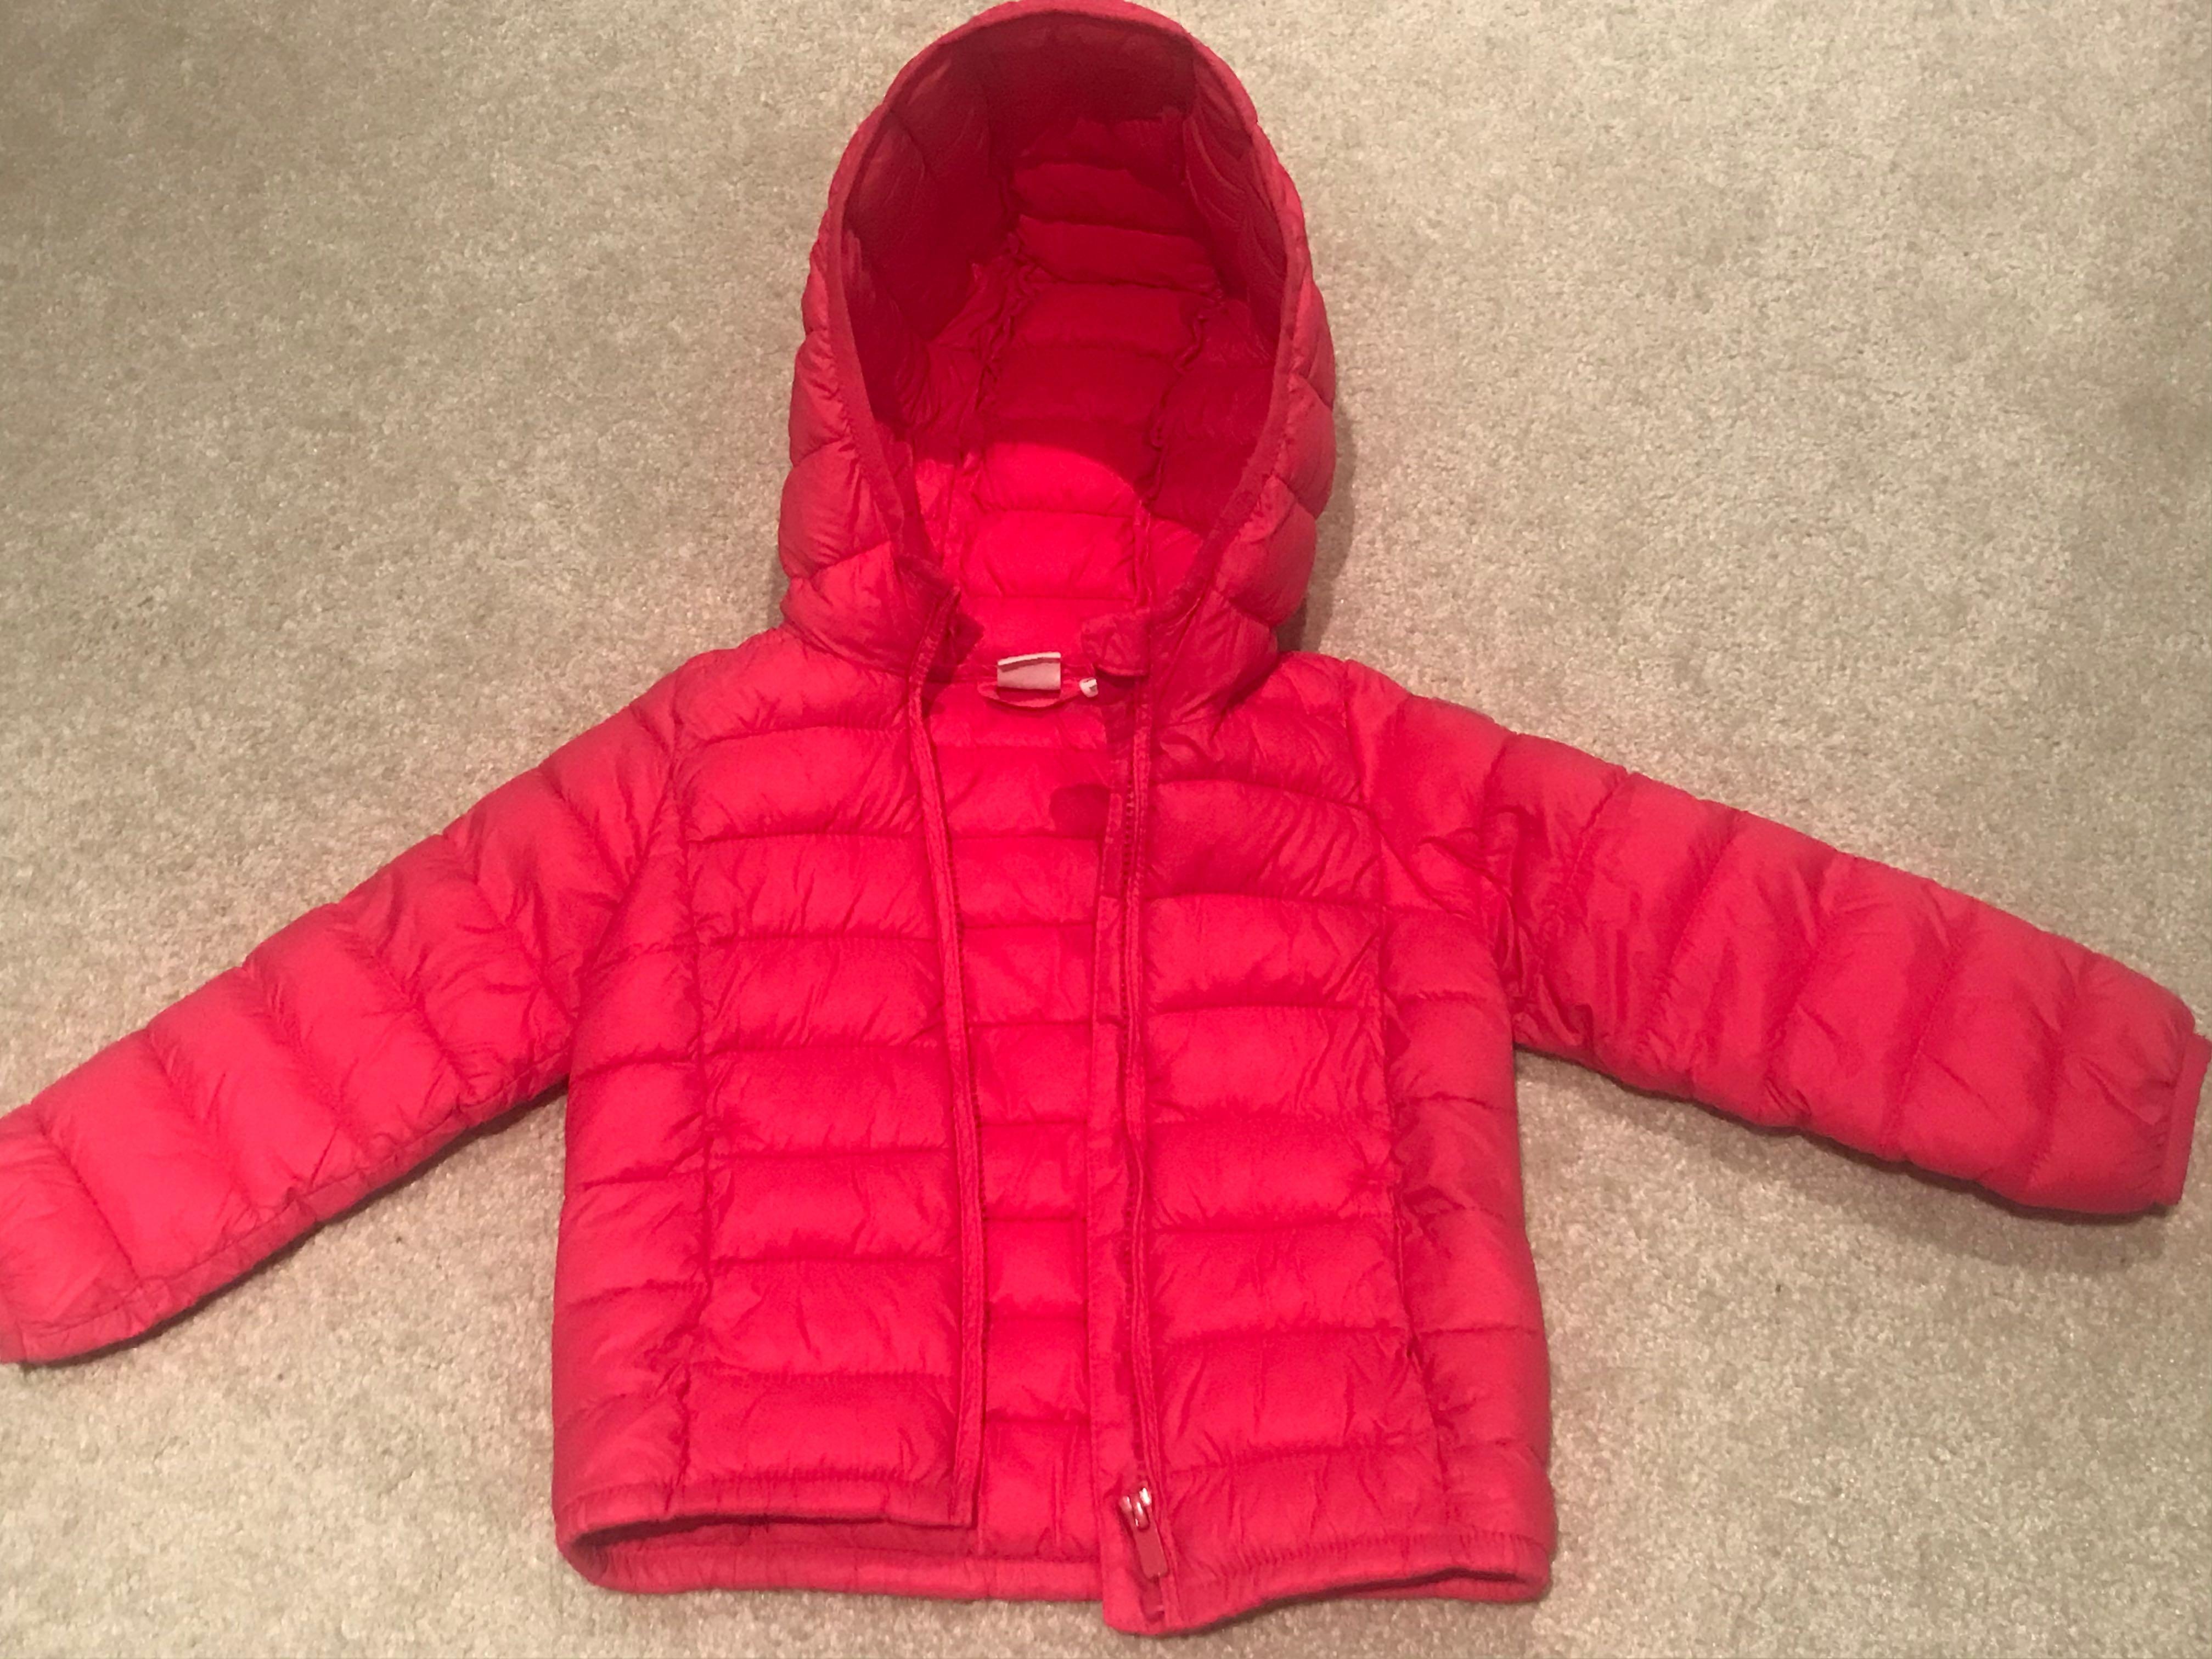 Toddler GAP puffer jacket